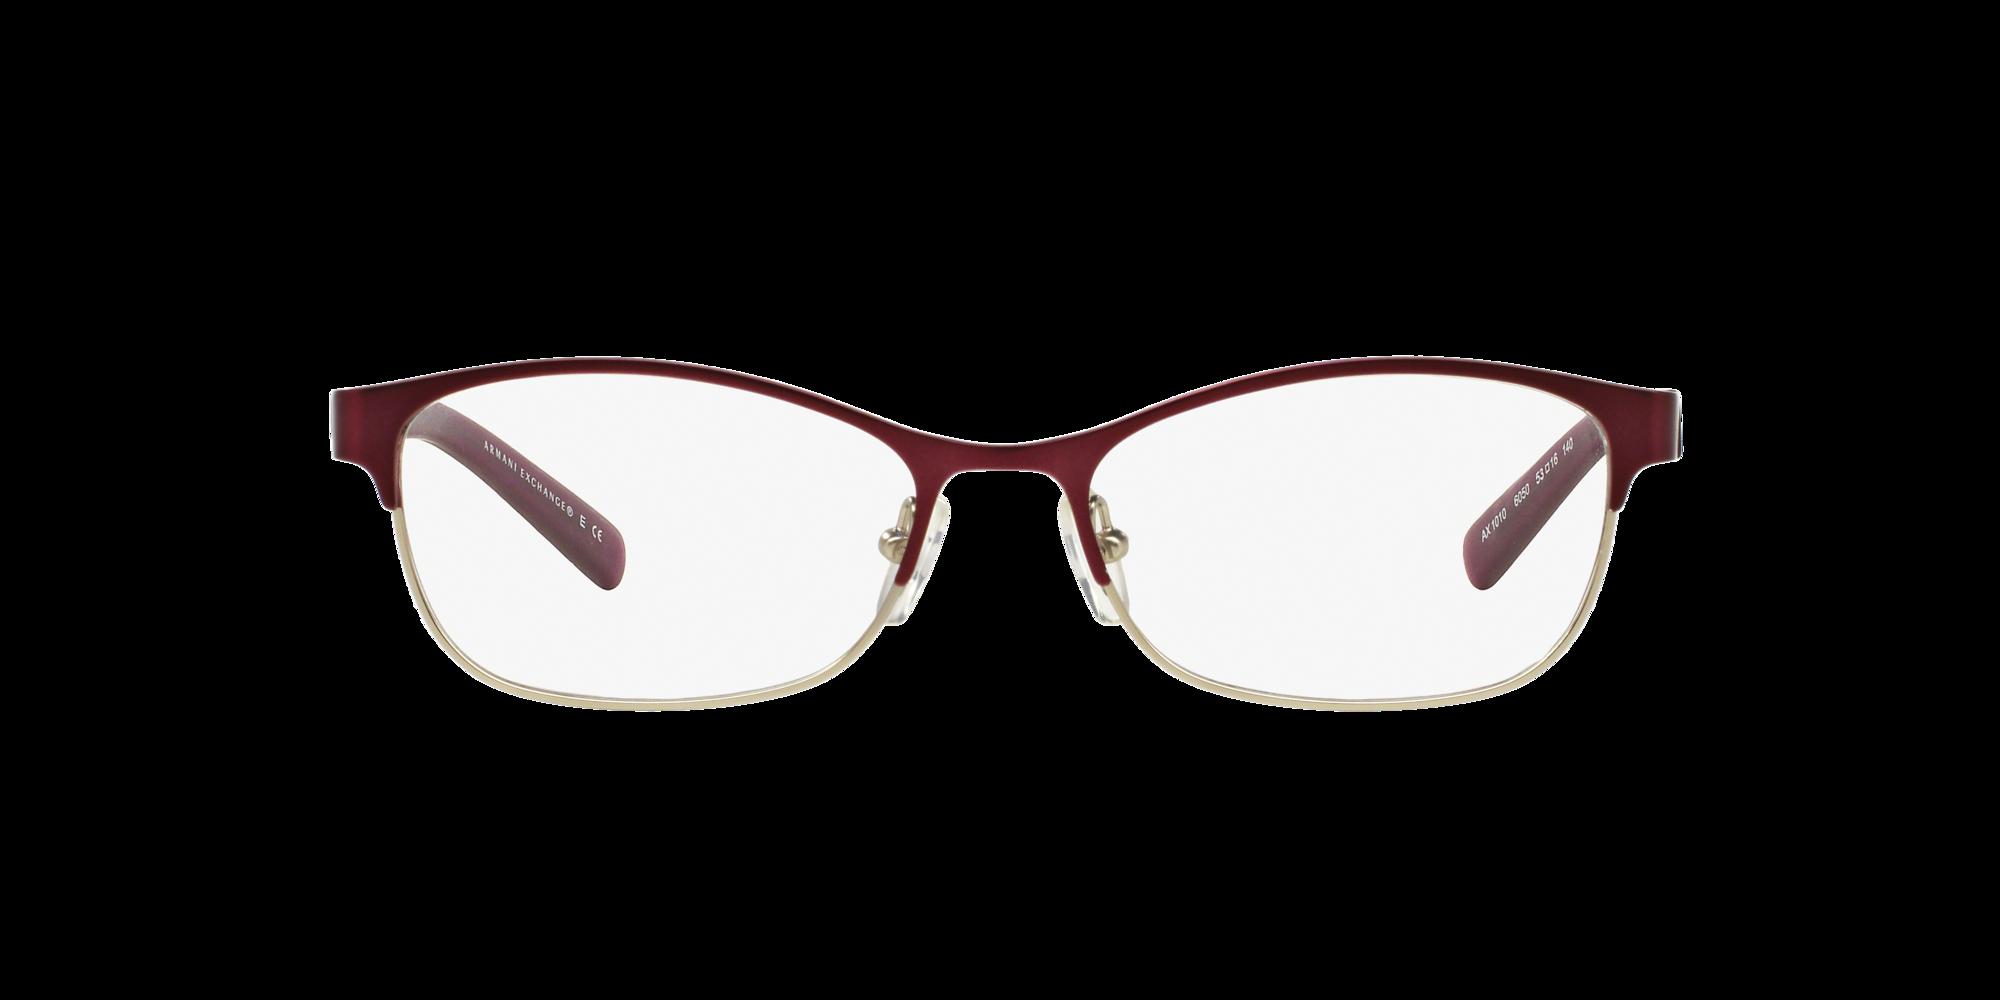 Imagen para AX1010 de LensCrafters |  Espejuelos, espejuelos graduados en línea, gafas